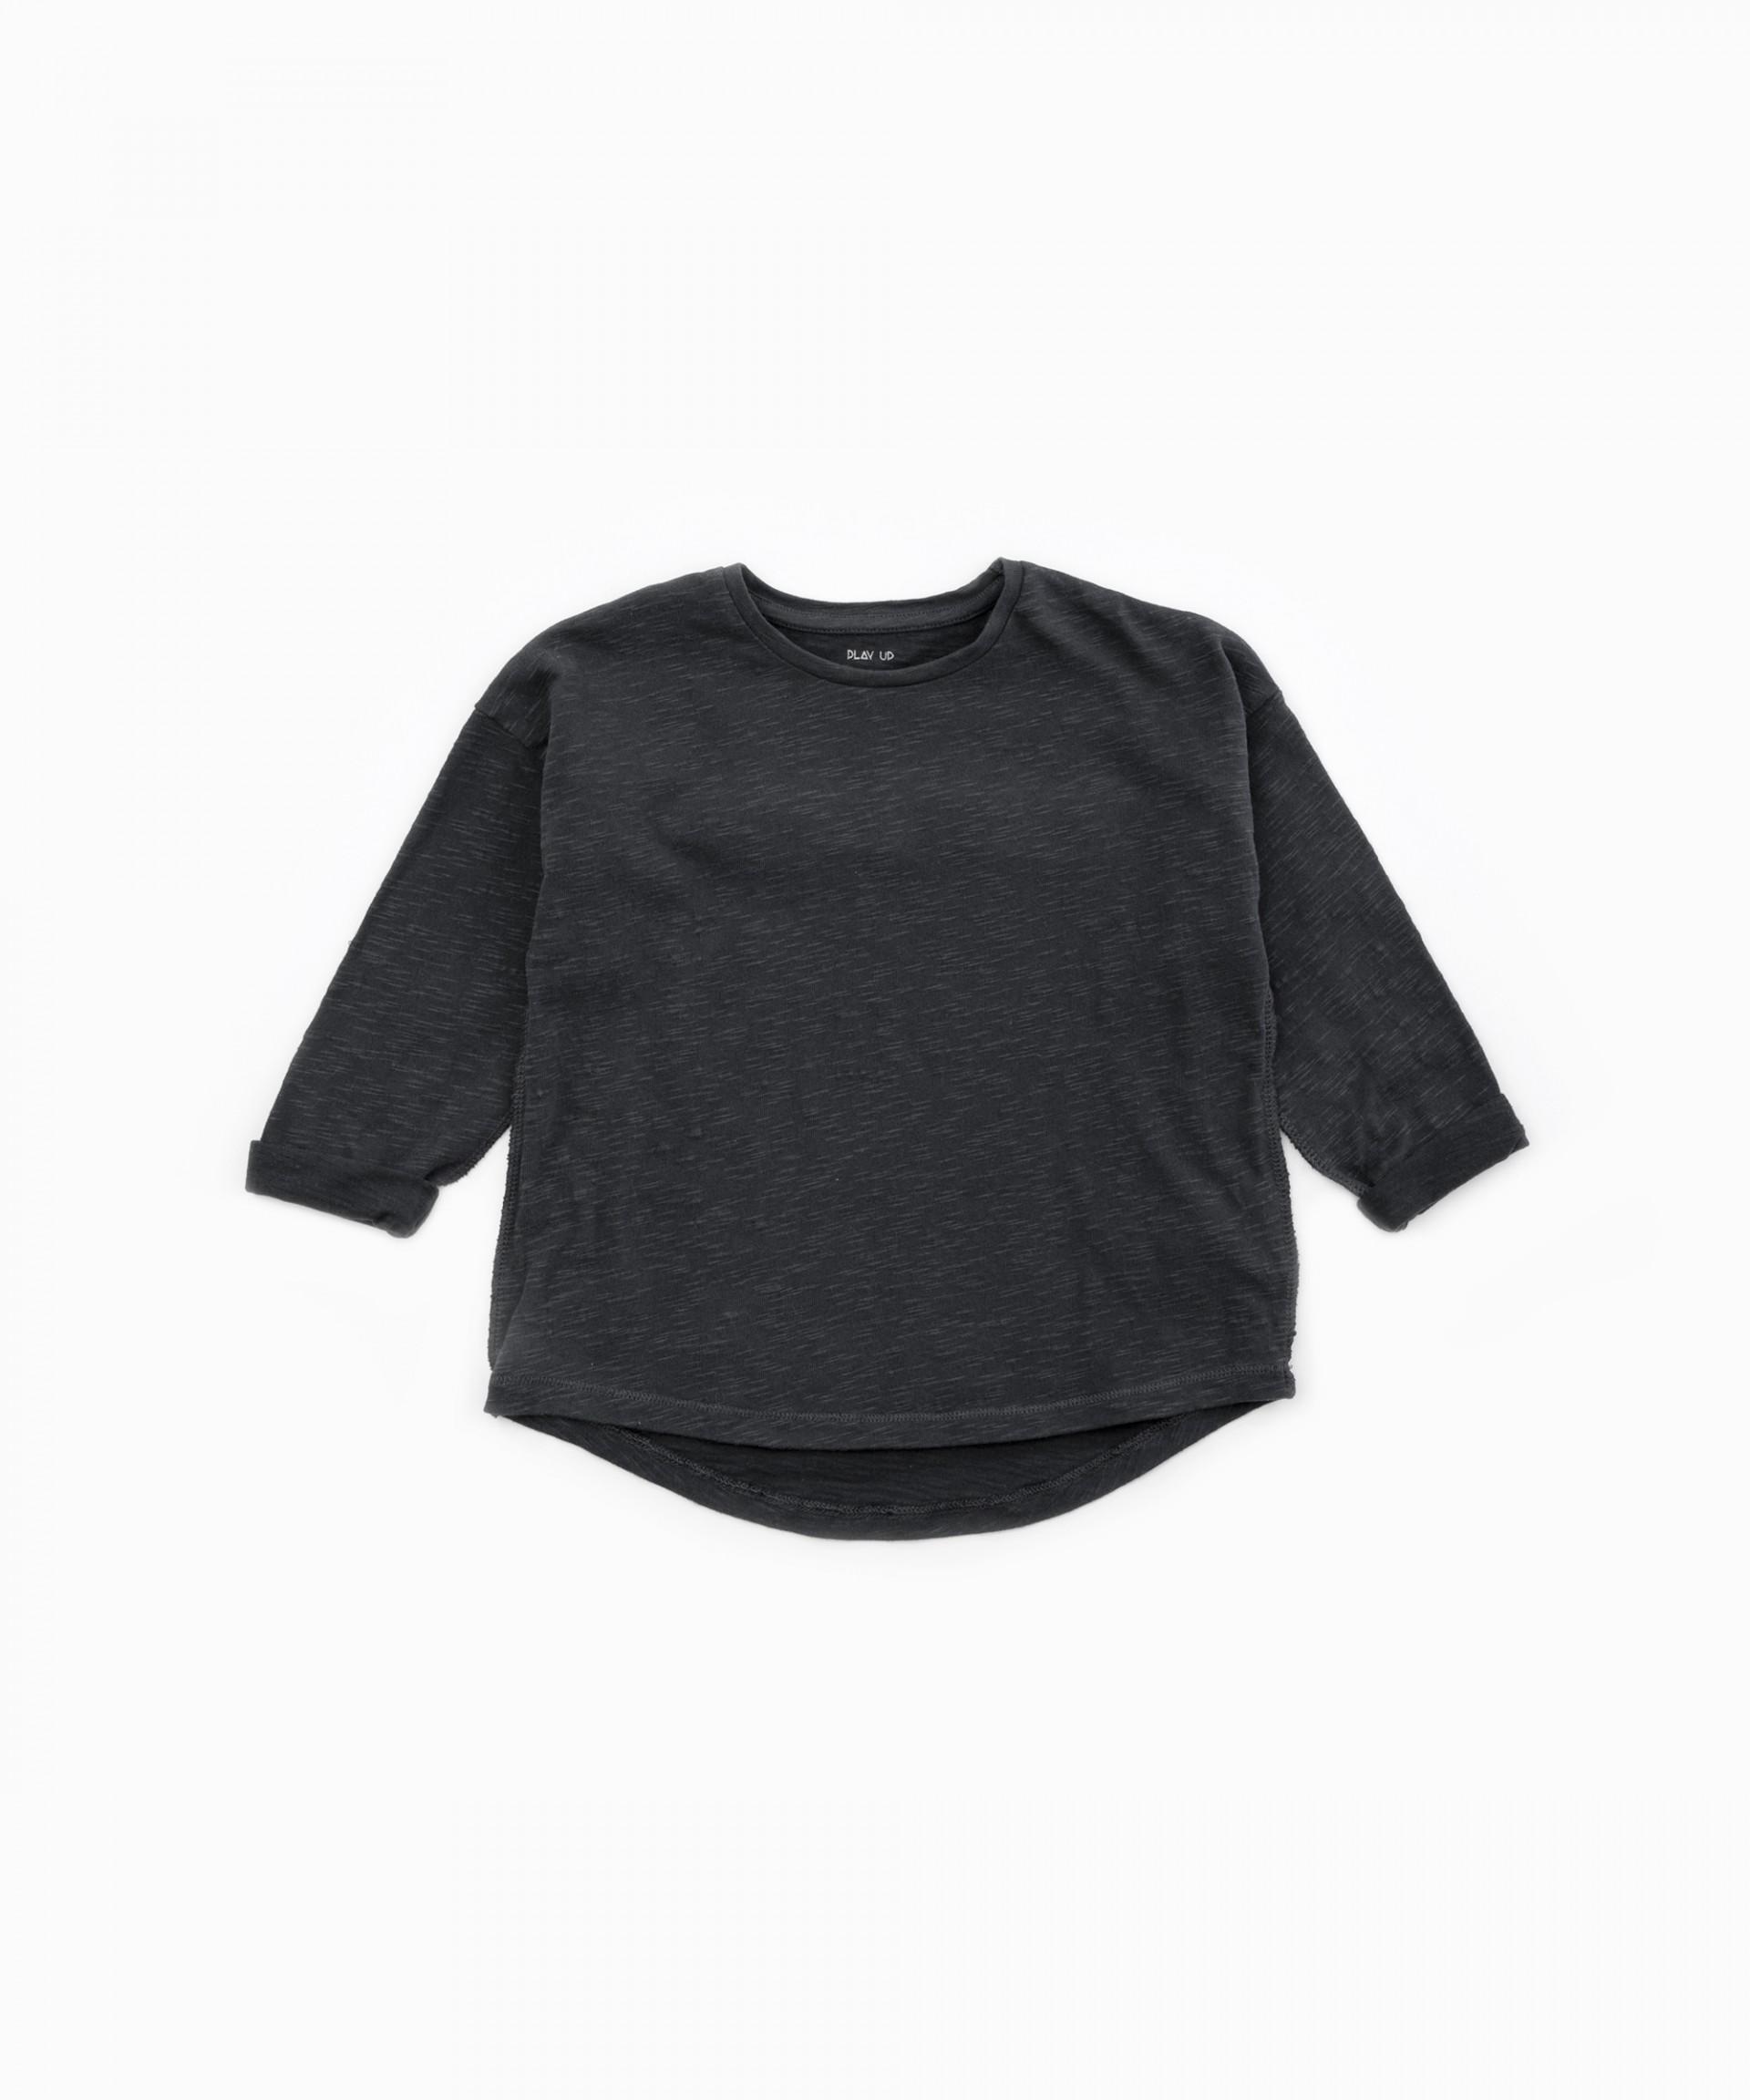 T-shirt com folho nas costas | Woodwork